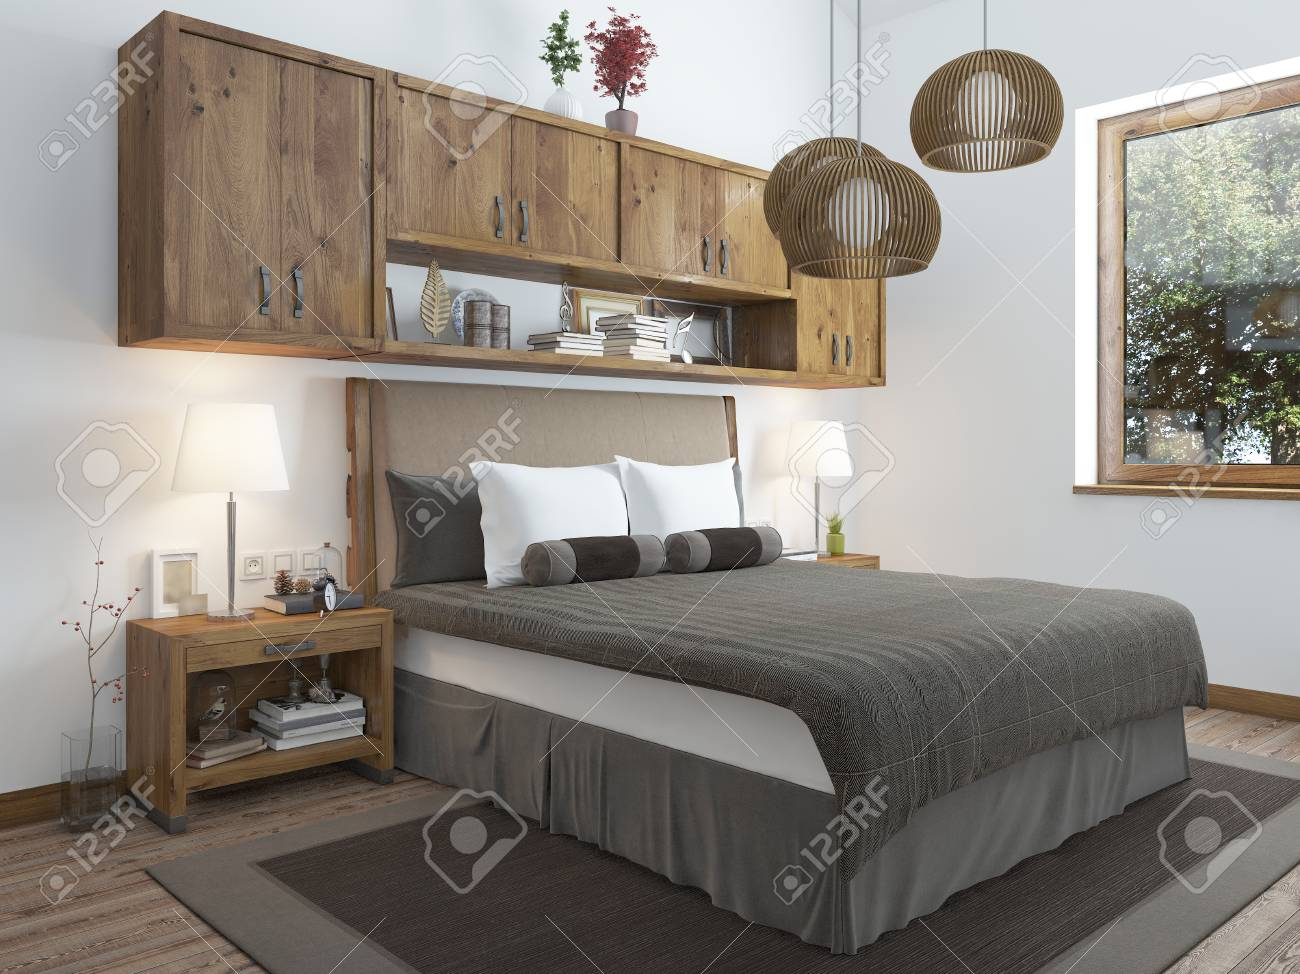 Wunderbar Große, Helle Schlafzimmer Im Dachgeschoss. Über Dem Bett Hängen Regale  Geschlossen Und Nachttische Mit